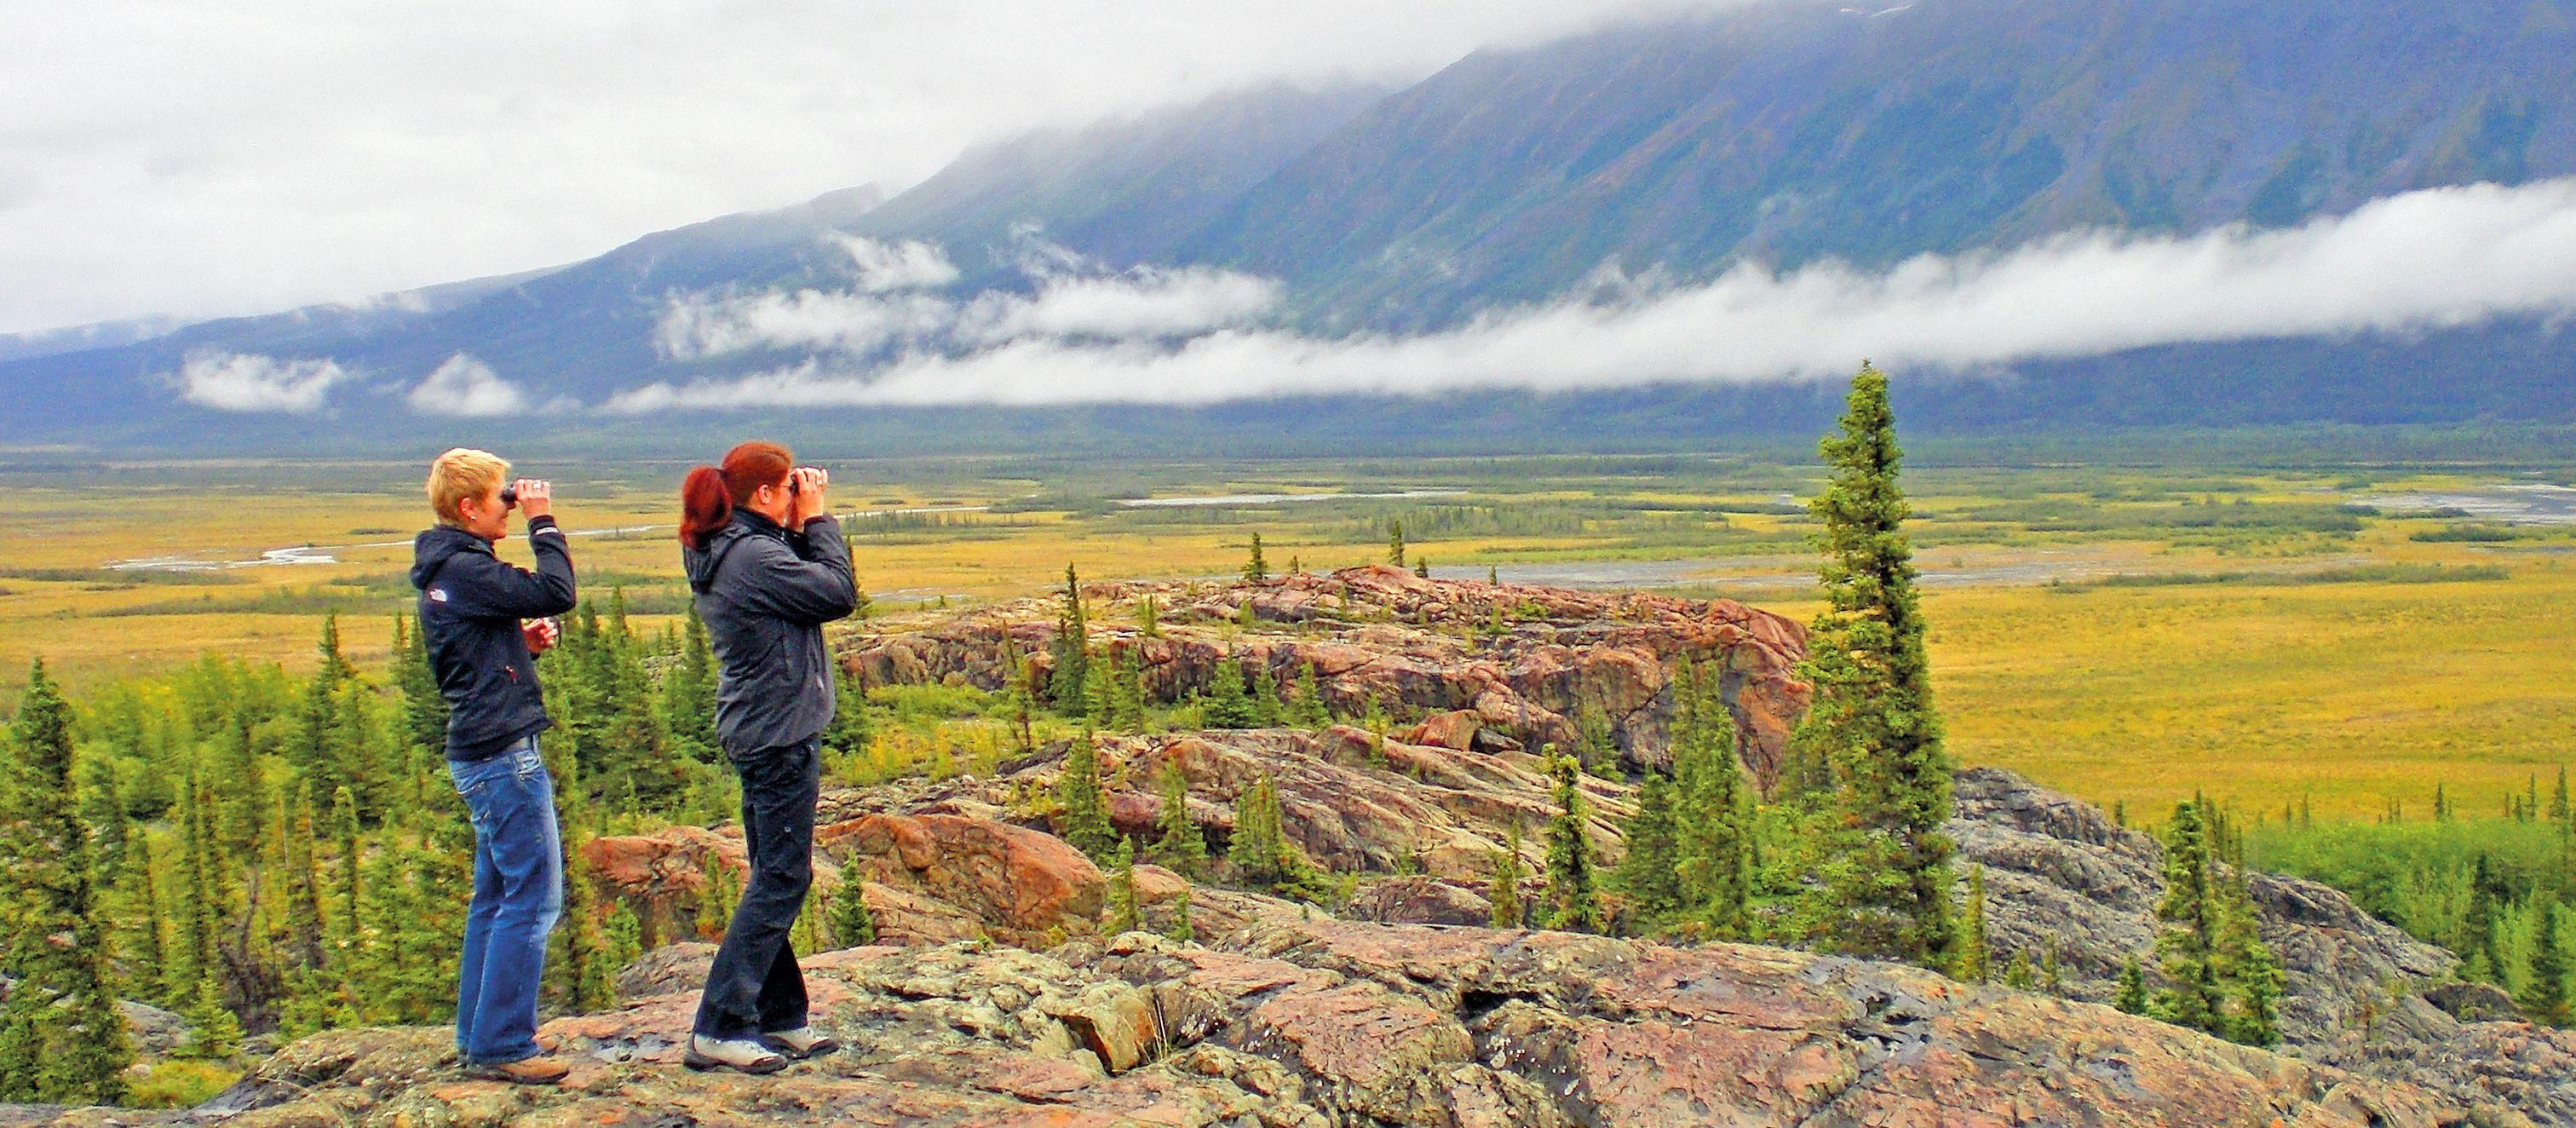 Wanderung im Kluane National Park mit Brent